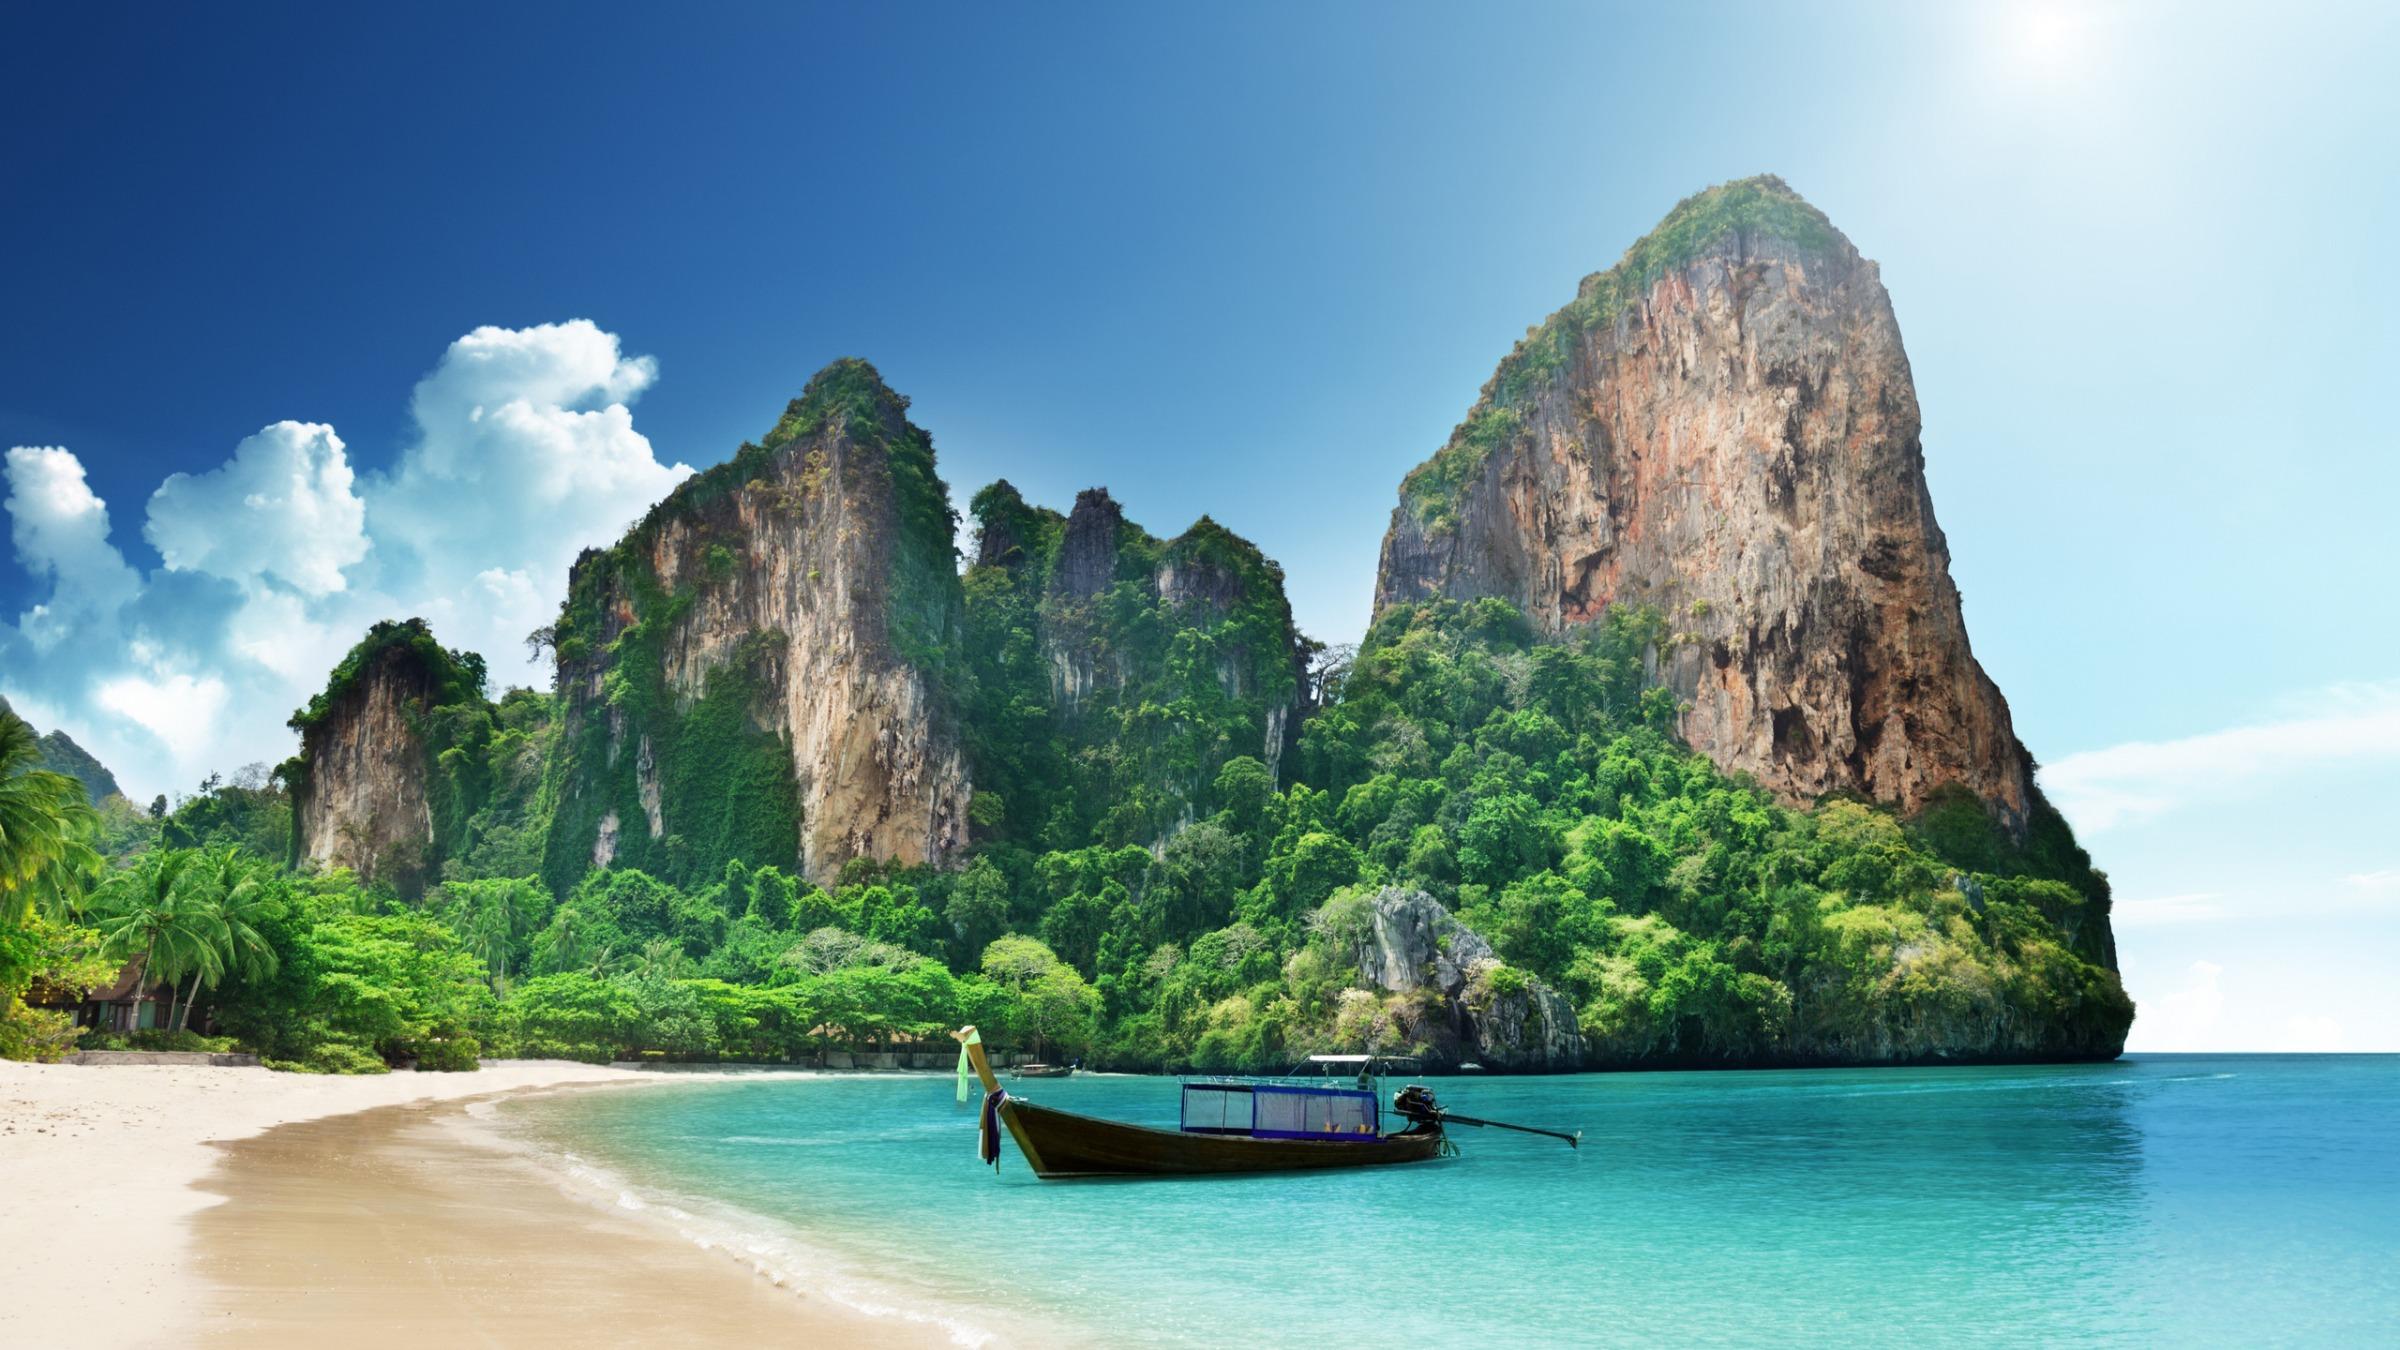 пляж горы и лодка